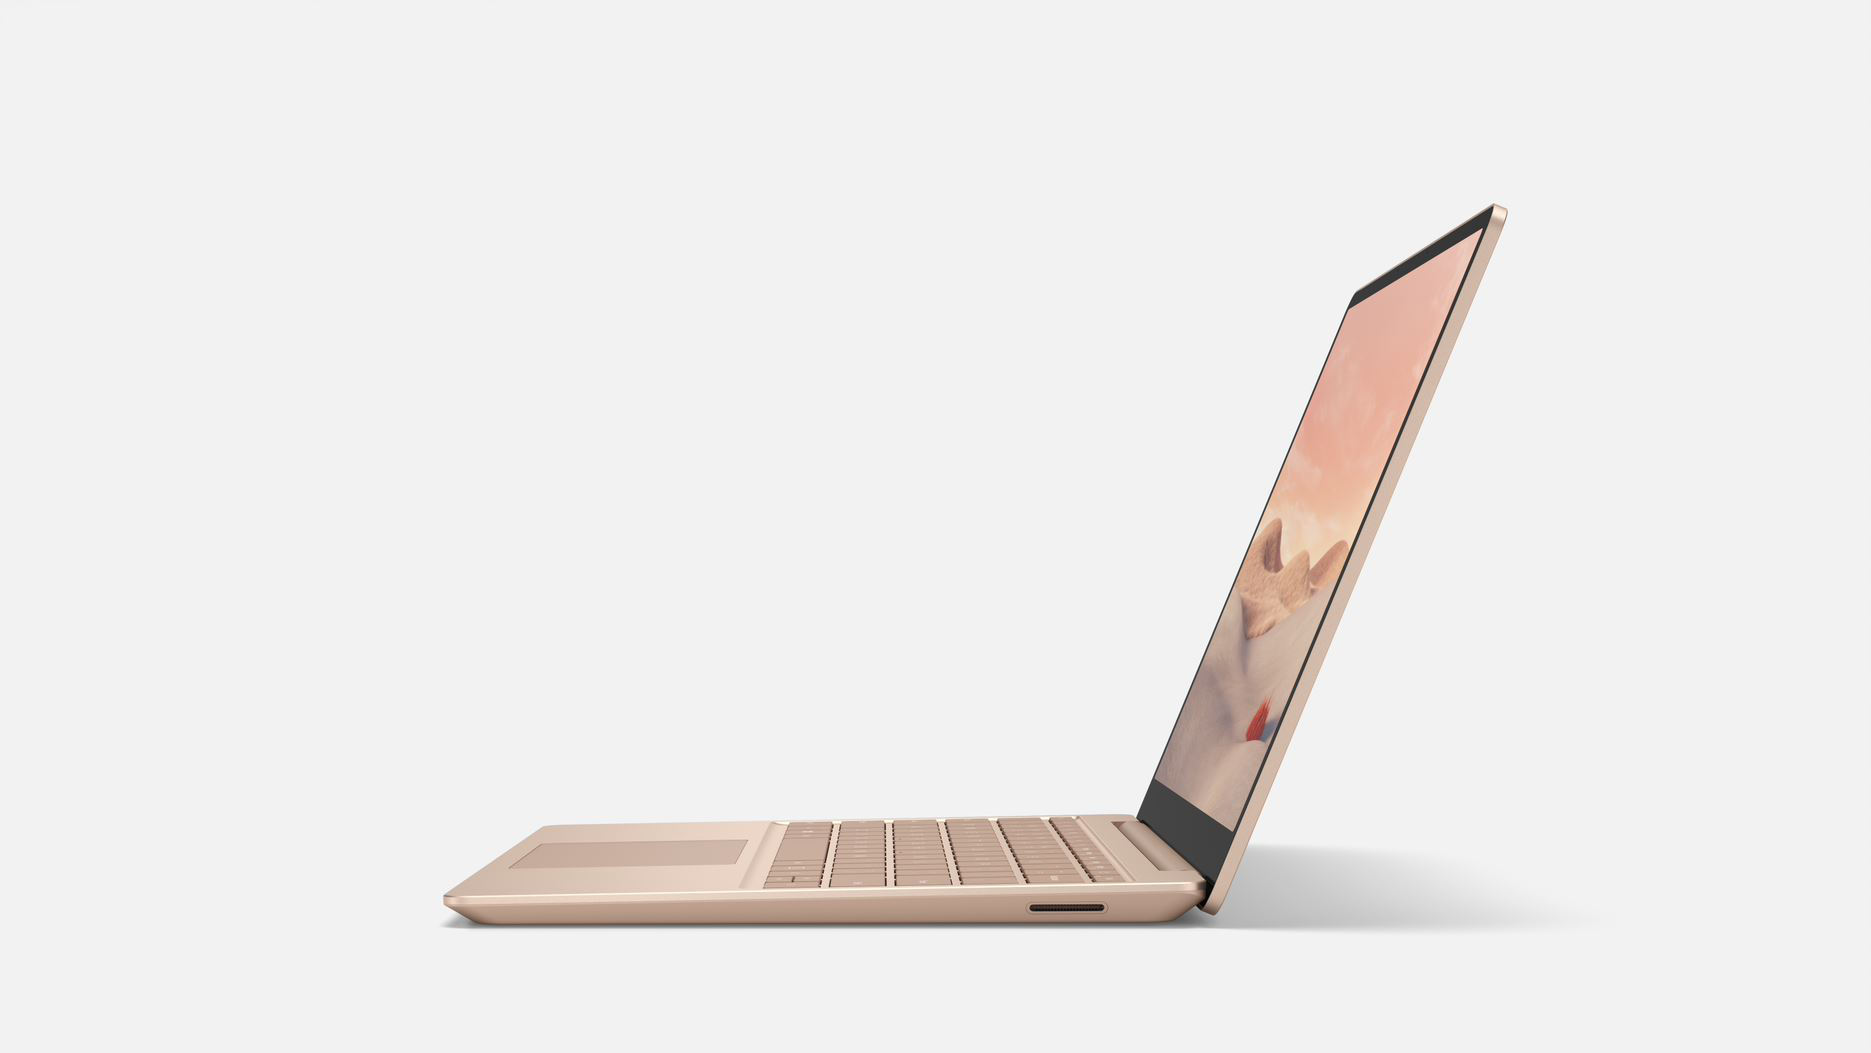 premiera Microsoft Surface Laptop Go cena specyfikacja dane techniczne opinie gdzie kupić najtaniej w Posce